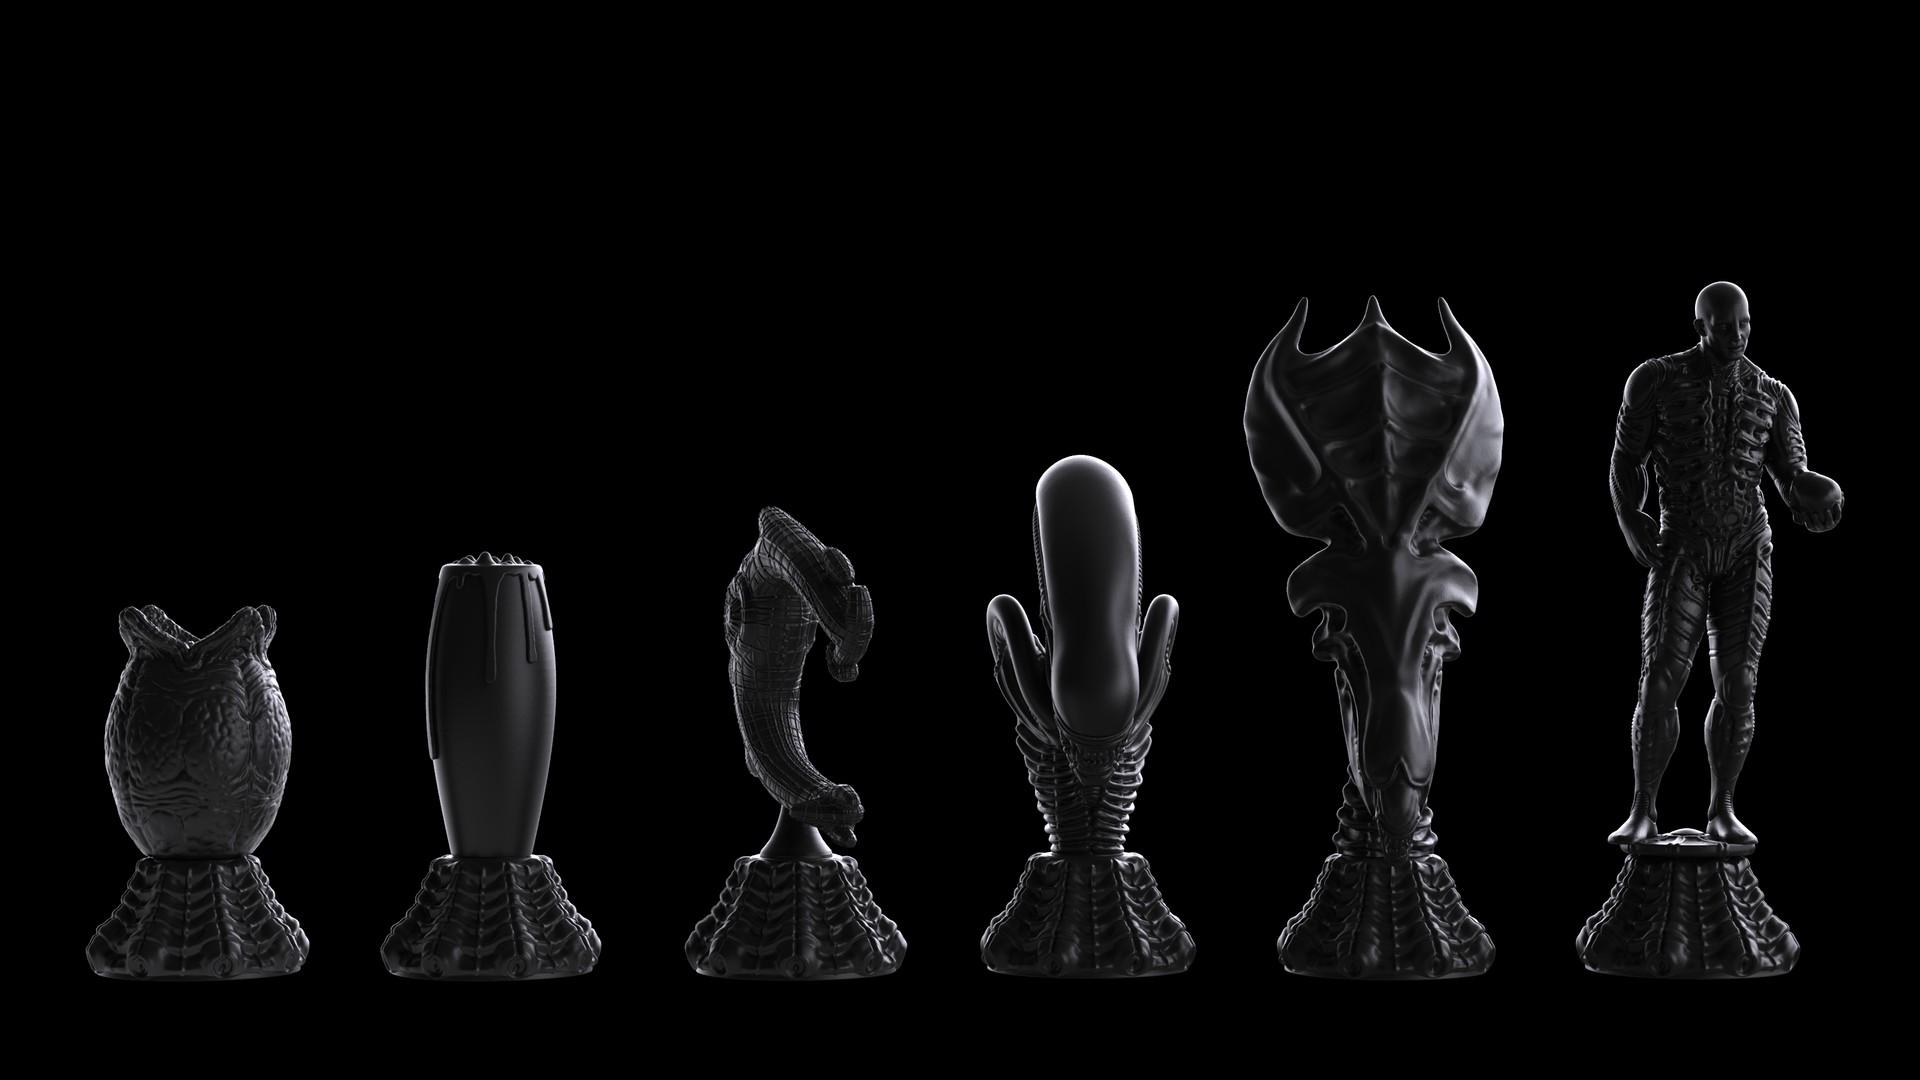 Ken calvert alien chess renders 1054